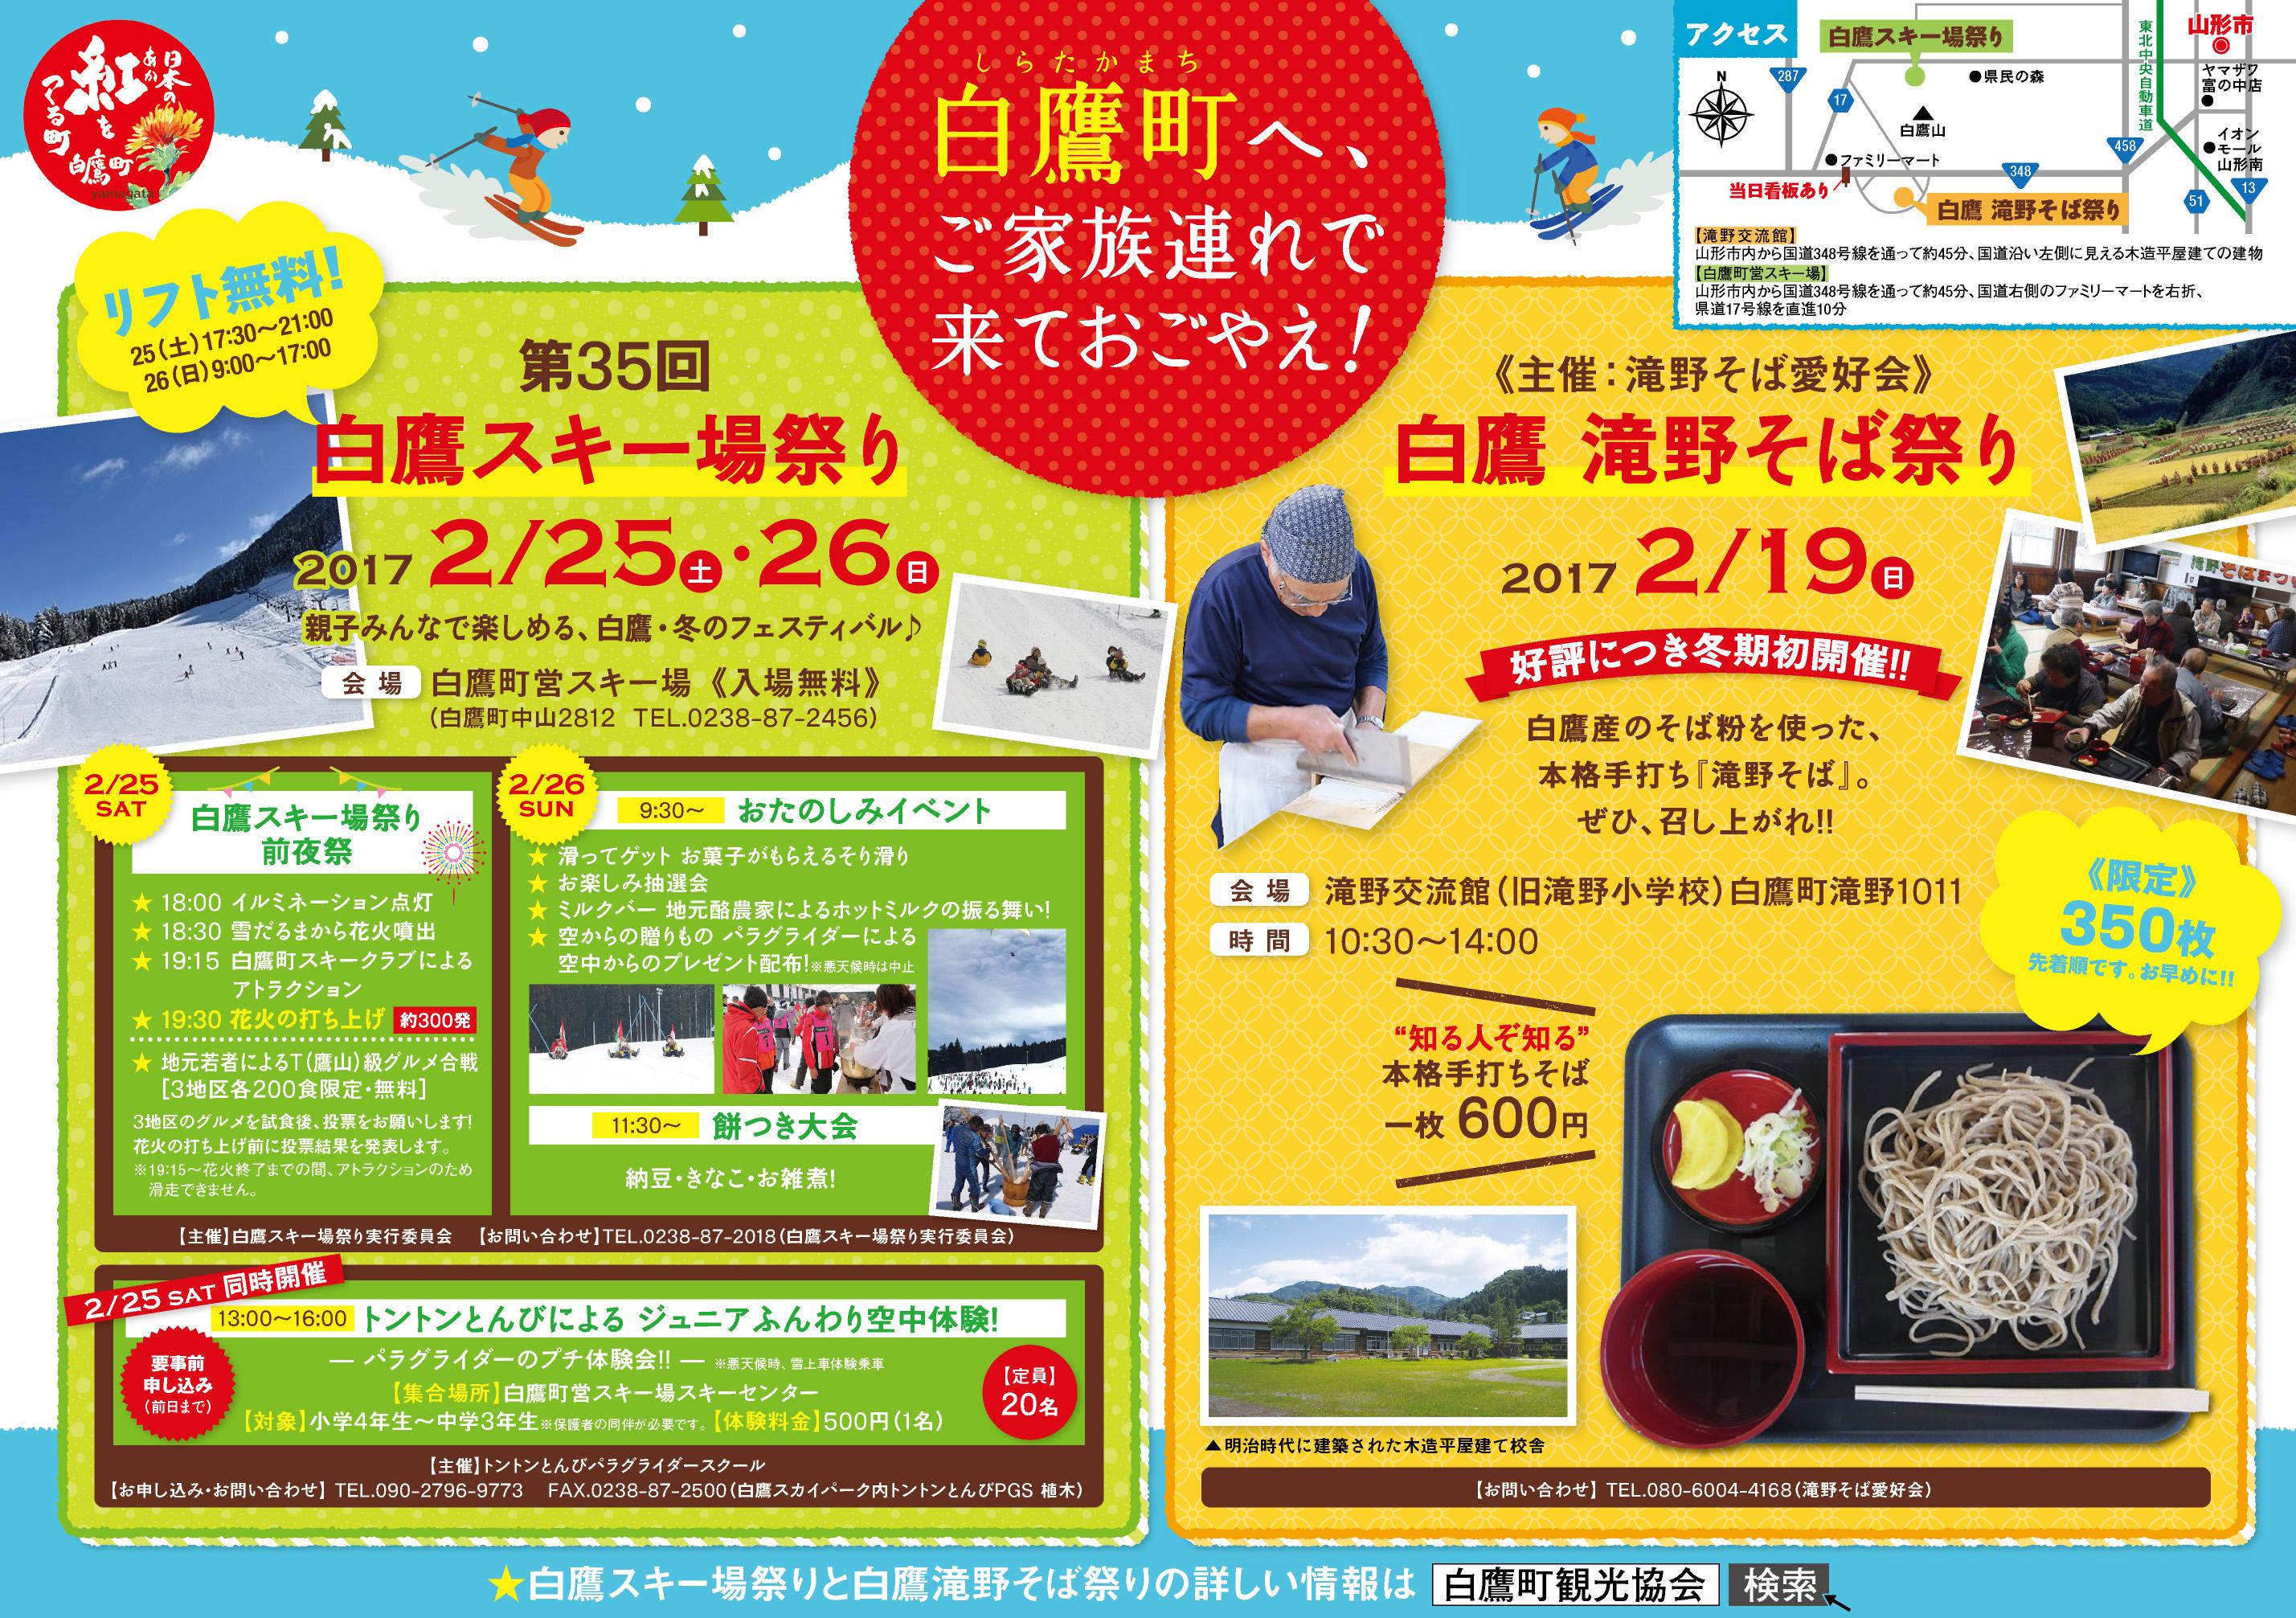 「白鷹 滝野そば祭り」&「第35回 白鷹スキー場祭り」!!:画像